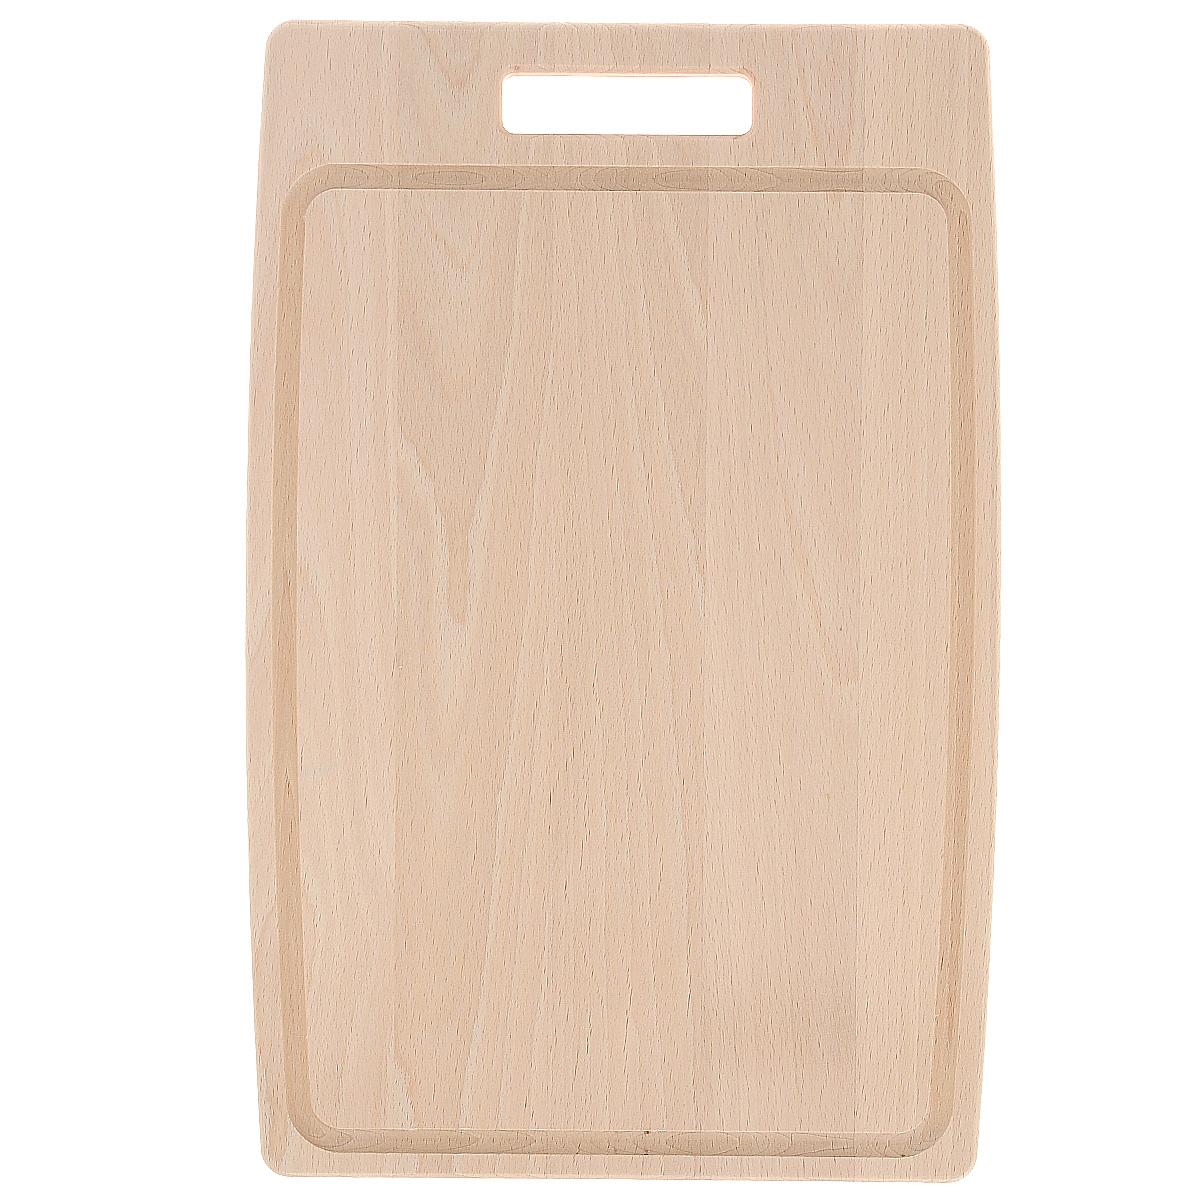 Доска разделочная Tescoma Home Profi, 26 х 16 см379510Прямоугольная разделочная доска Tescoma Home Profi изготовлена из высококачественной древесины бука. Бук - это особо прочный материал, который прослужит вам долгие годы. Доска оснащена удобной ручкой.Функциональная и простая в использовании, разделочная доска Tescoma Home Profi прекрасно впишется в интерьер любой кухни. Не мыть в посудомоечной машине.